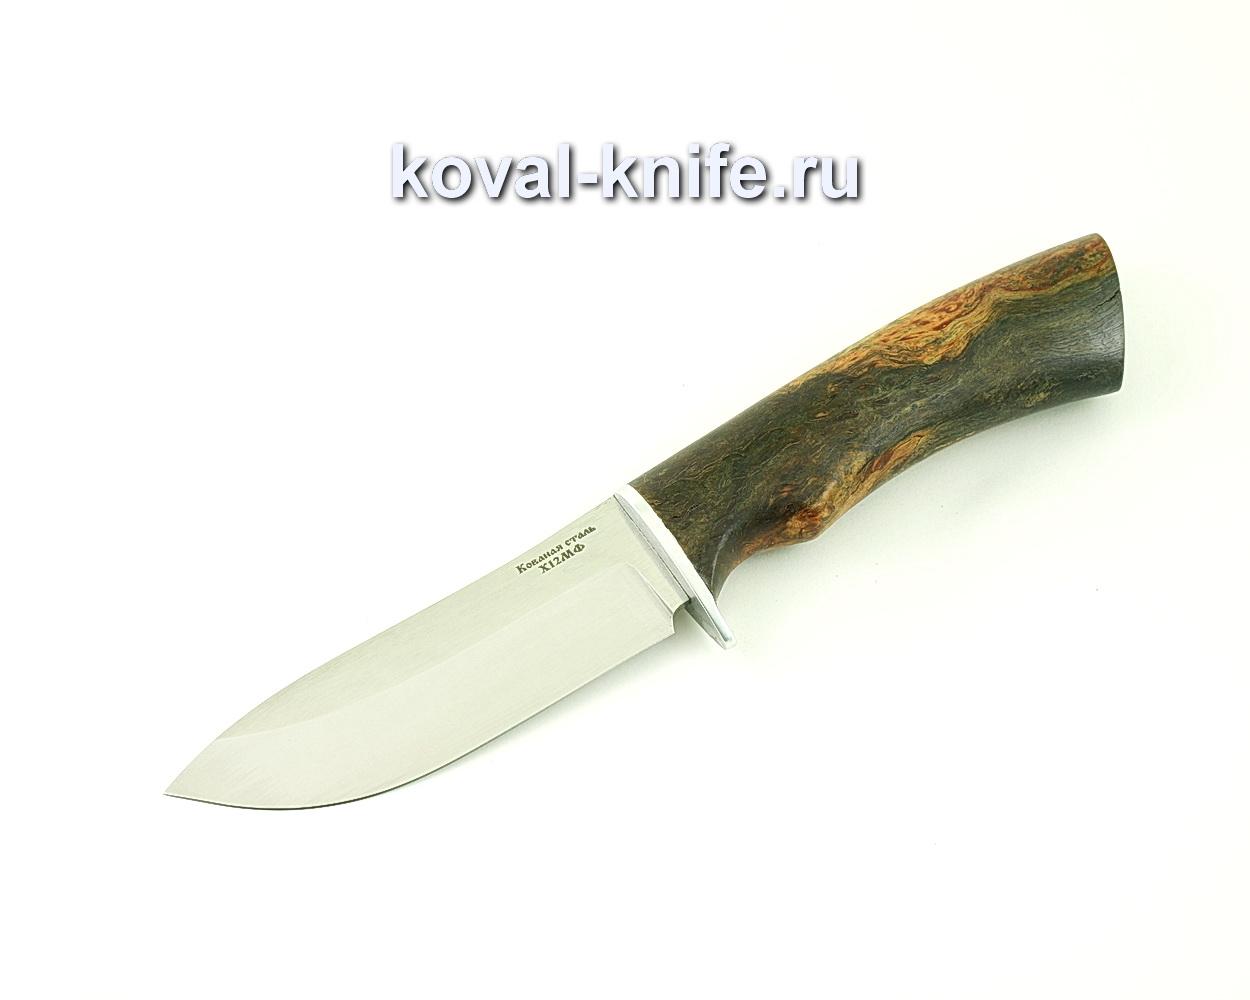 Нож из кованой стали Х12 Кабан (рукоять стабилизированная карельская береза) A505